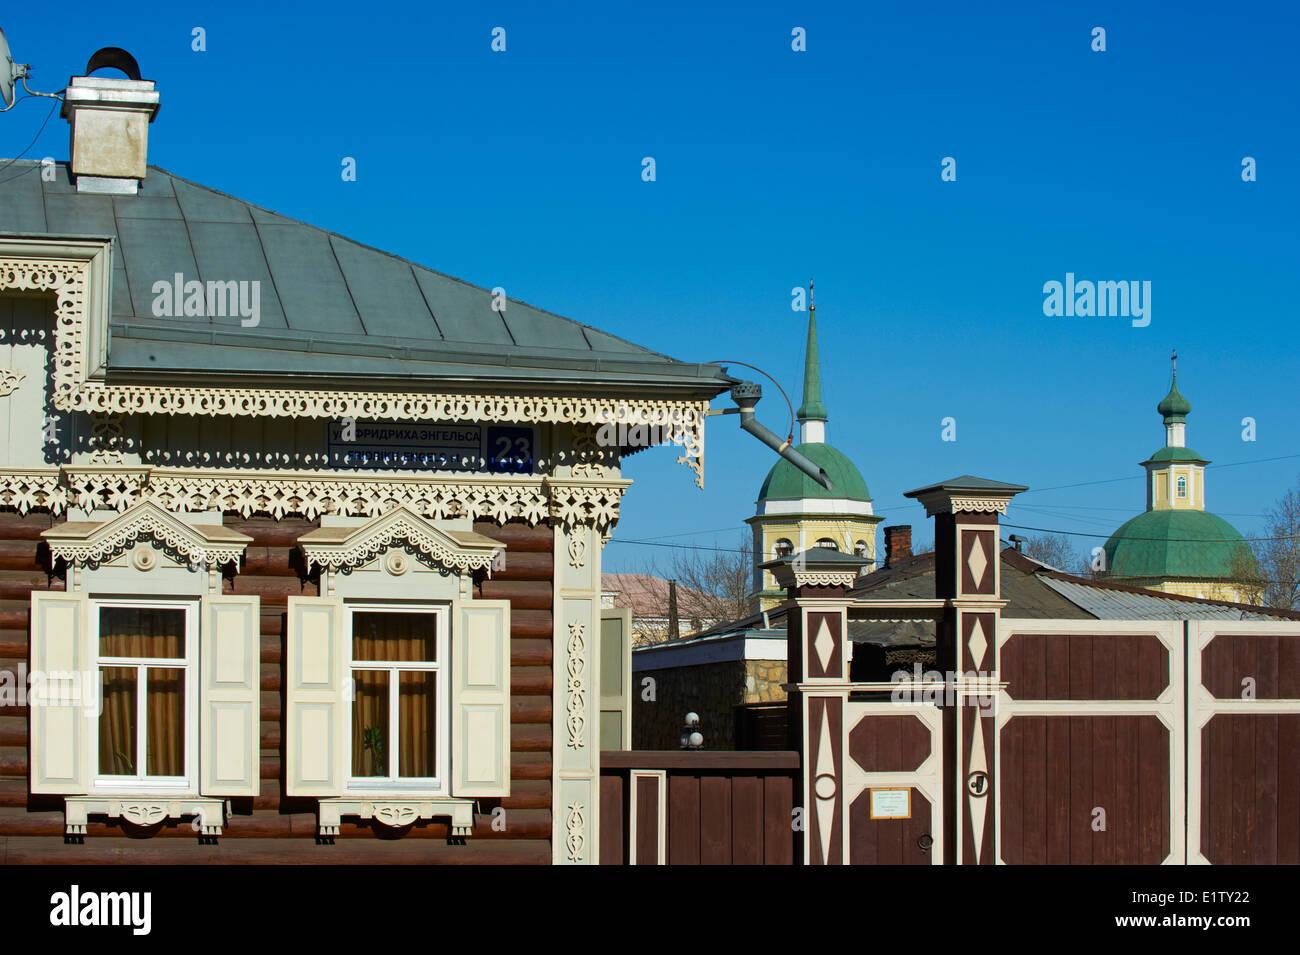 La Russie, en Sibérie, d'Irkoutsk, de l'architecture en bois, la Maison de l'Europe Photo Stock